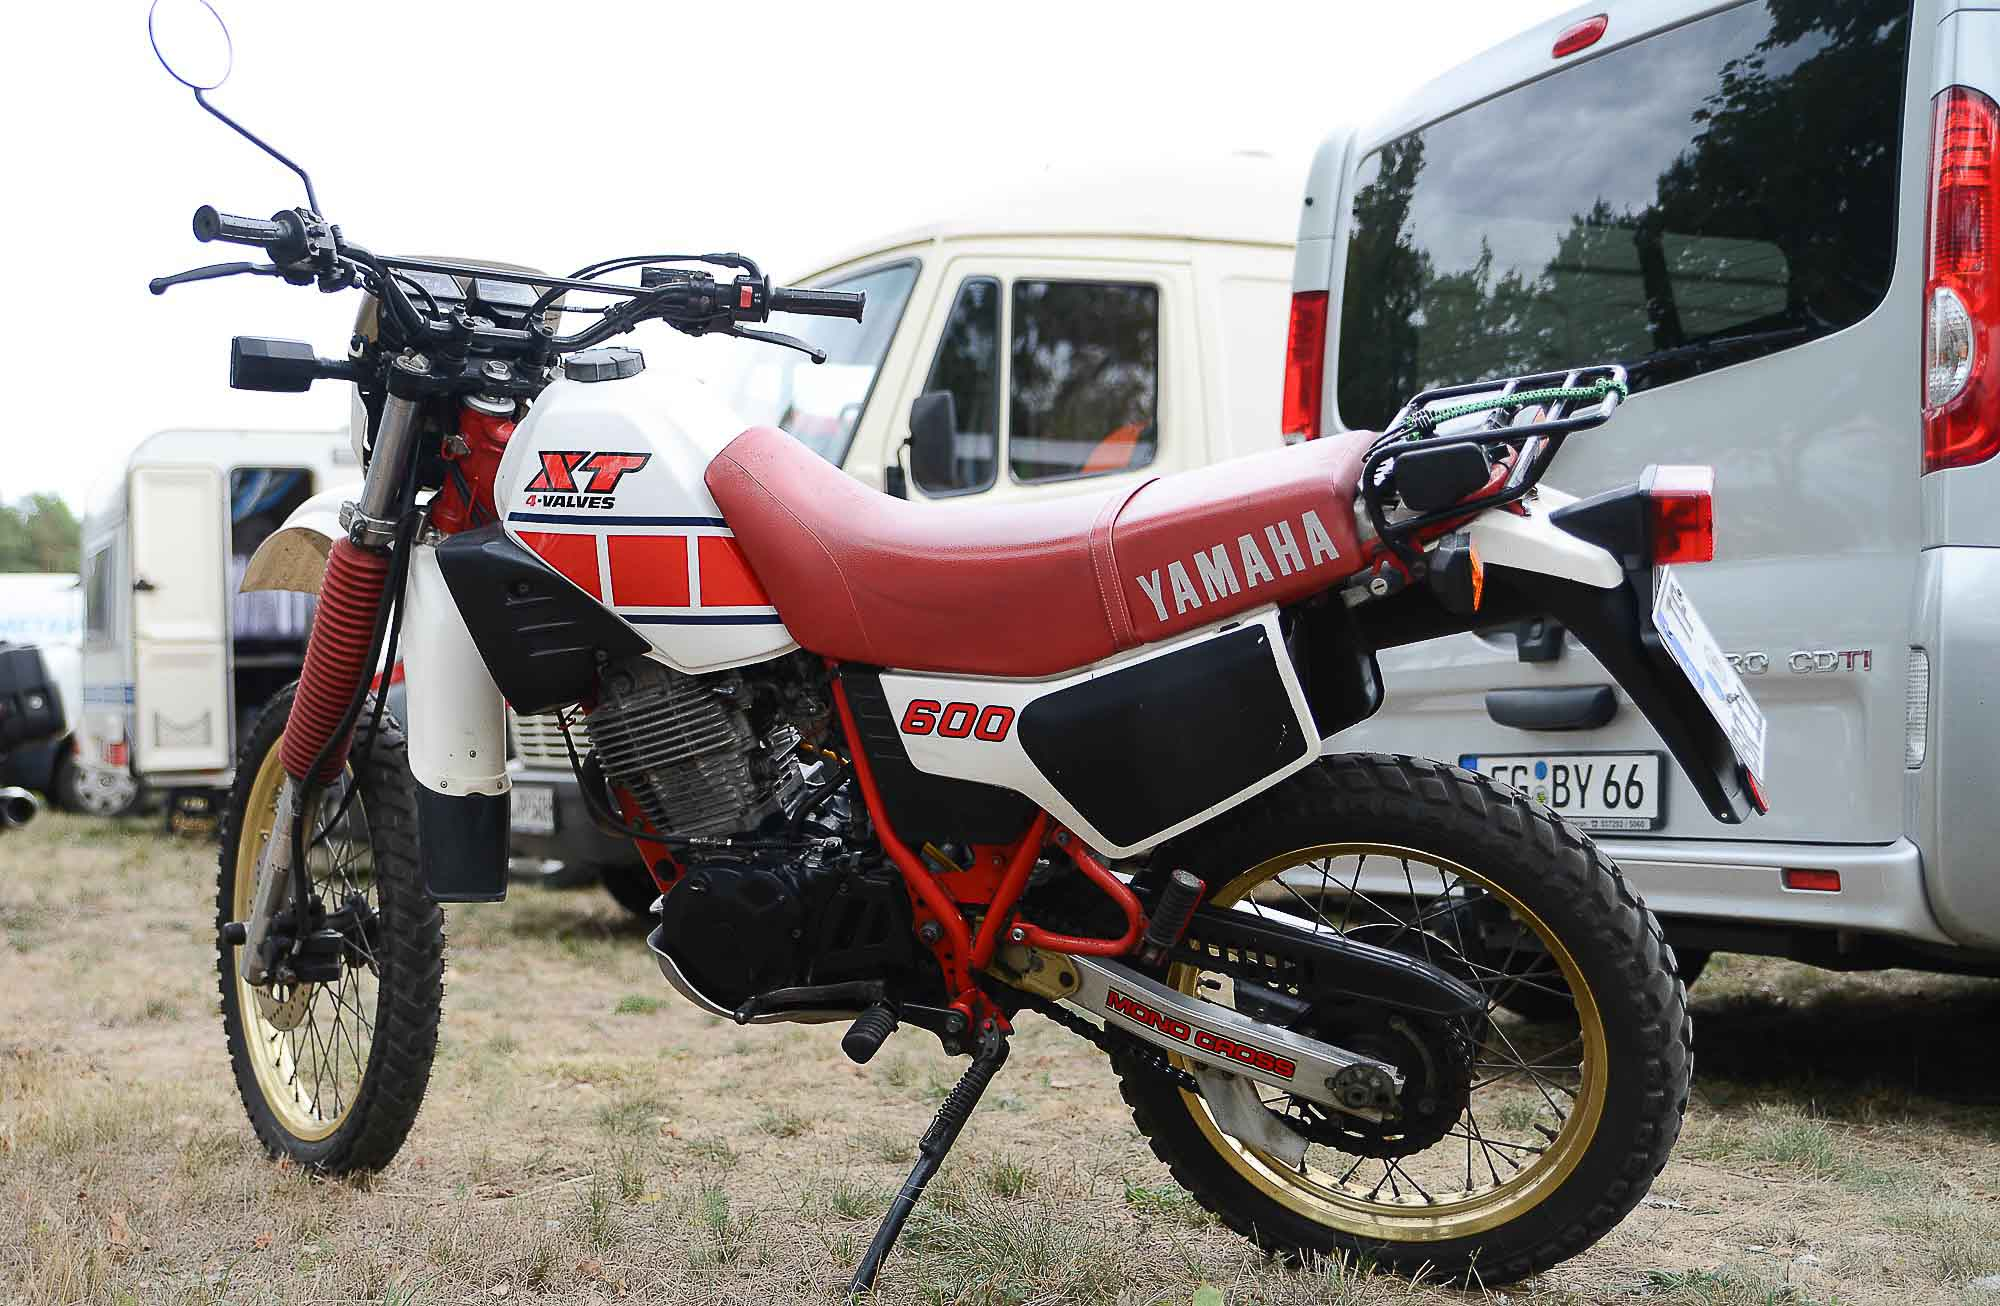 YAMAHA XT 600 (1983 - 1990)